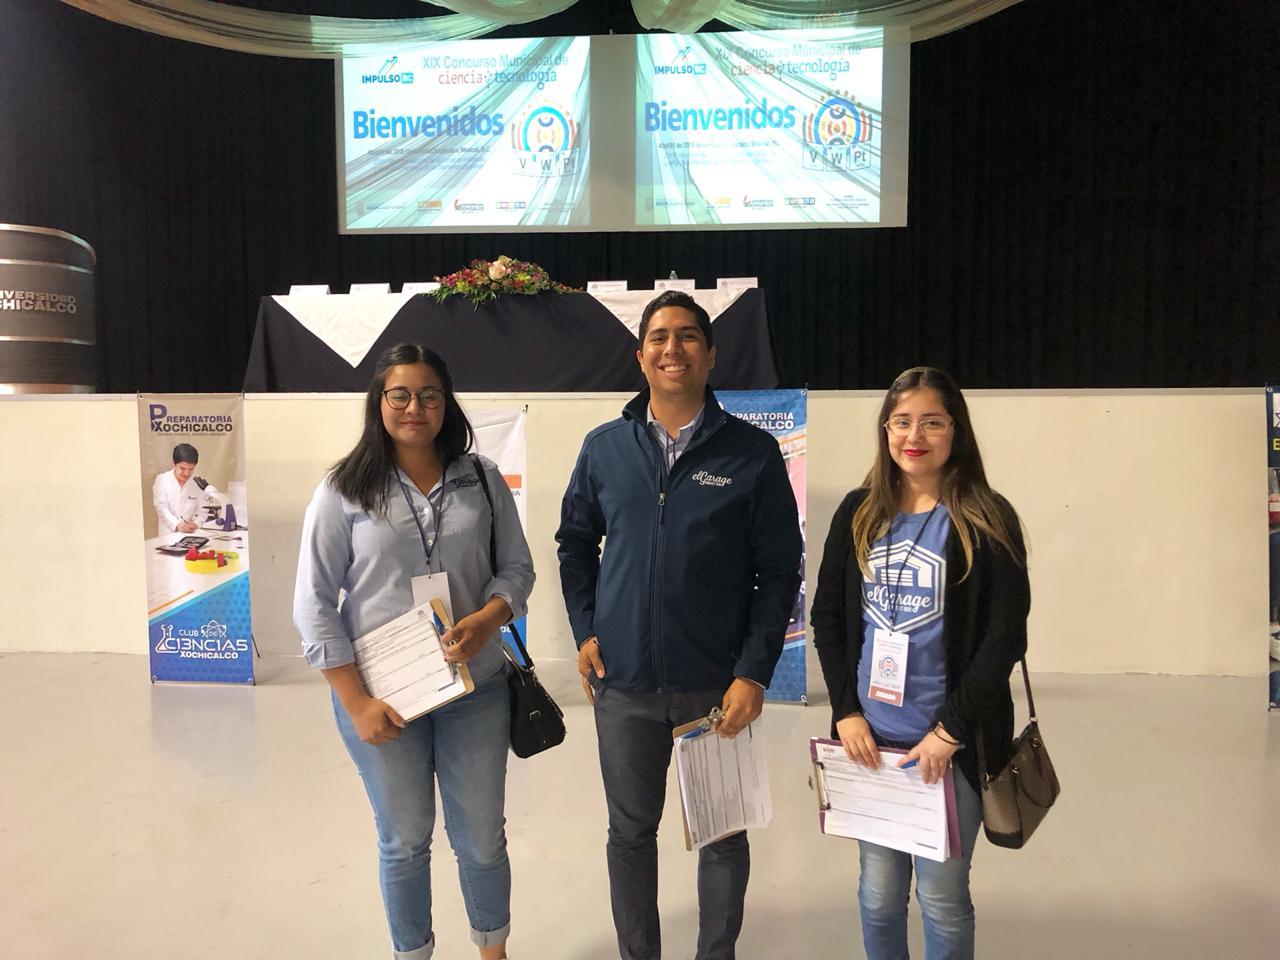 Concurso Municipal de Ciencia y Tecnología: Las Lenguas Indígenas y la Tabla Periódica de los Elementos